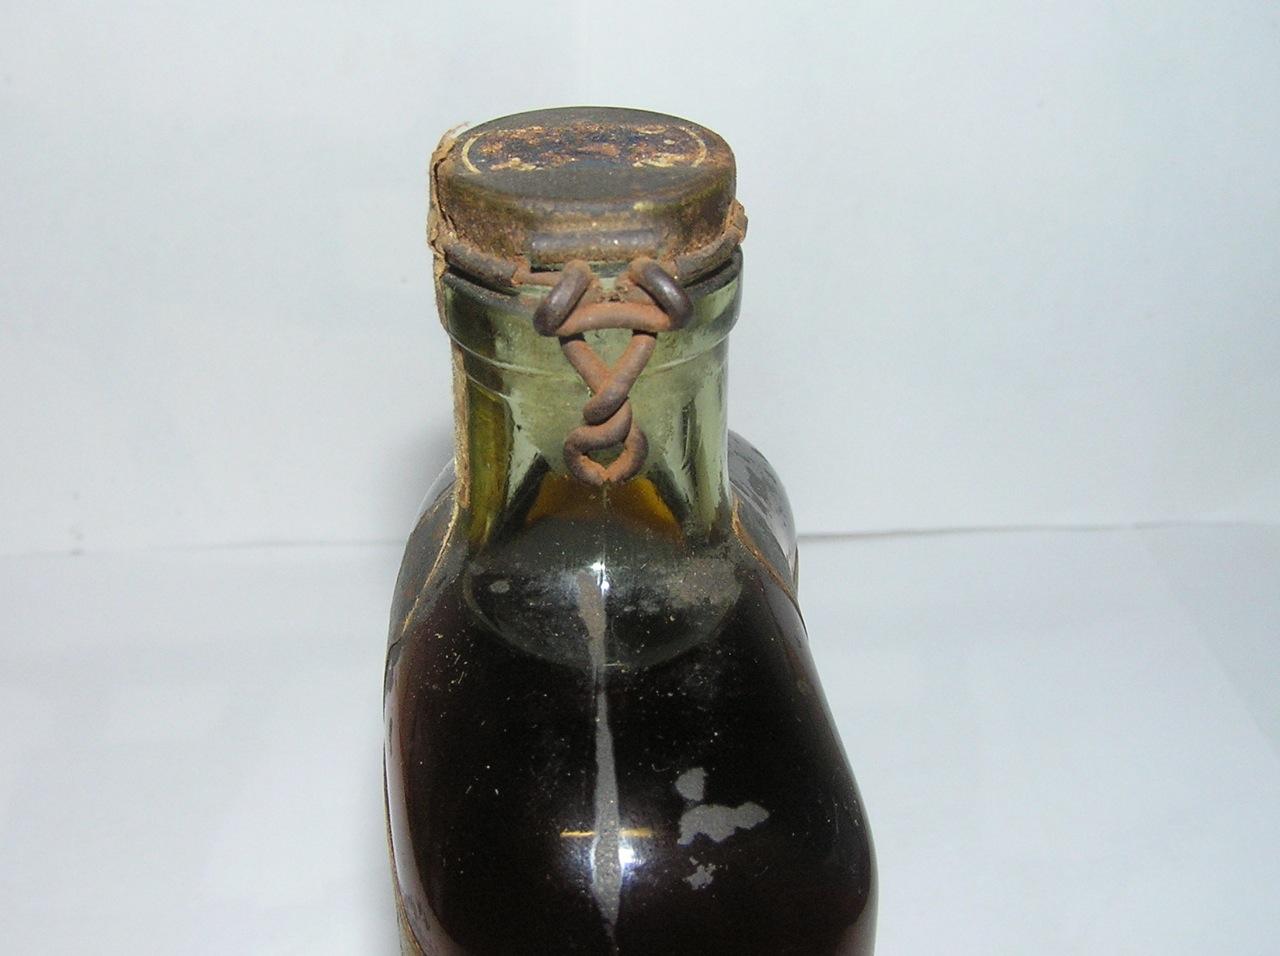 Martell bottle neck old